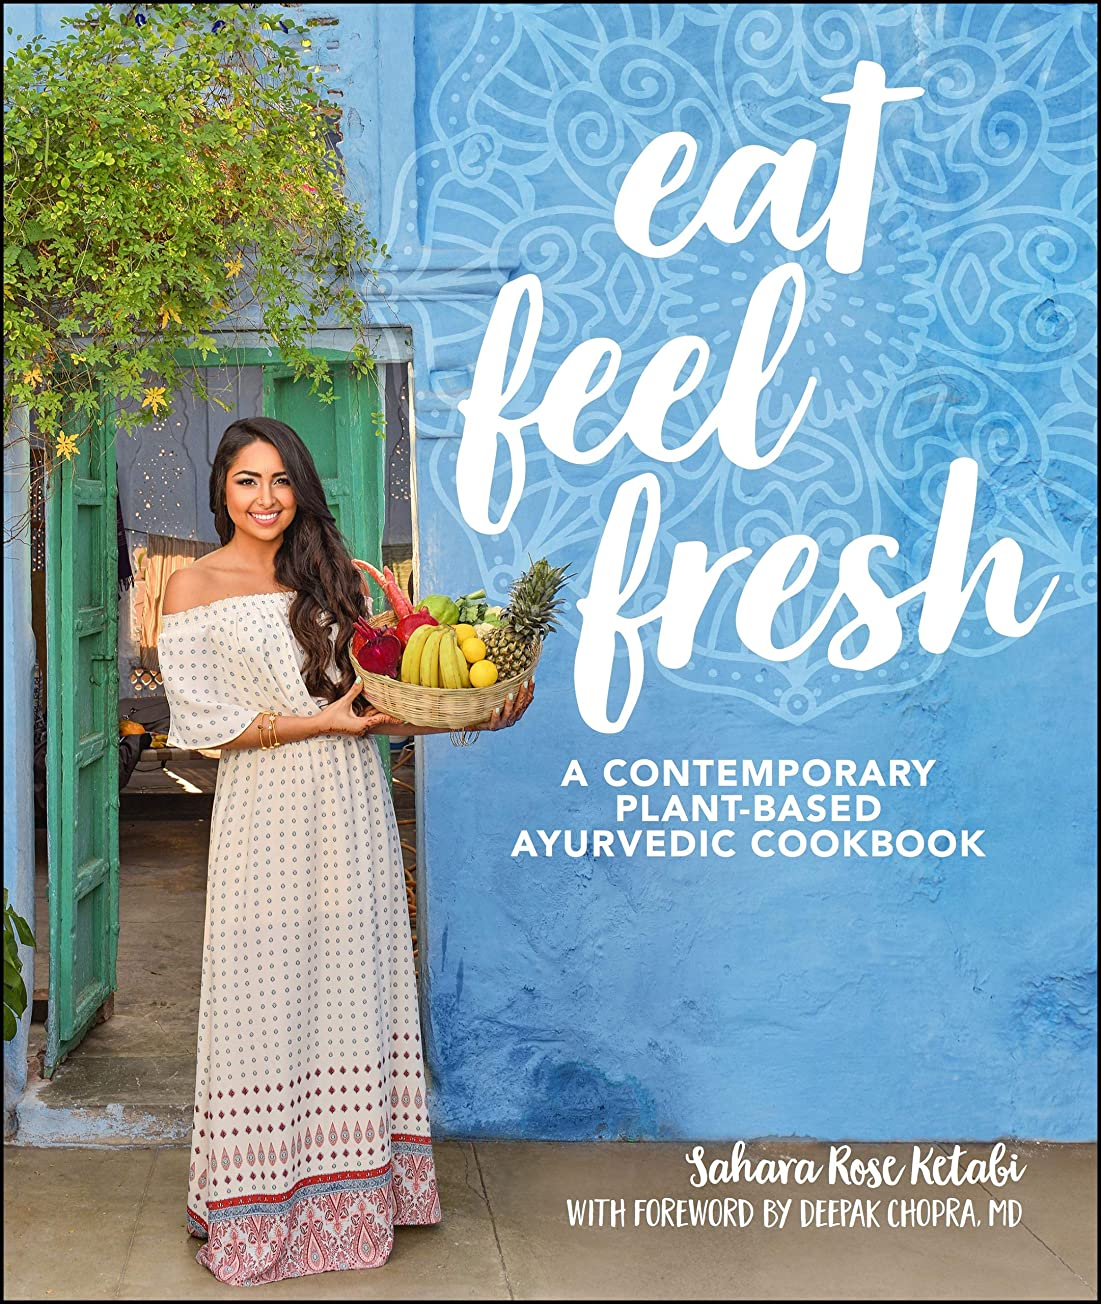 孤児触覚再集計Eat Feel Fresh: A Contemporary, Plant-Based Ayurvedic Cookbook (English Edition)